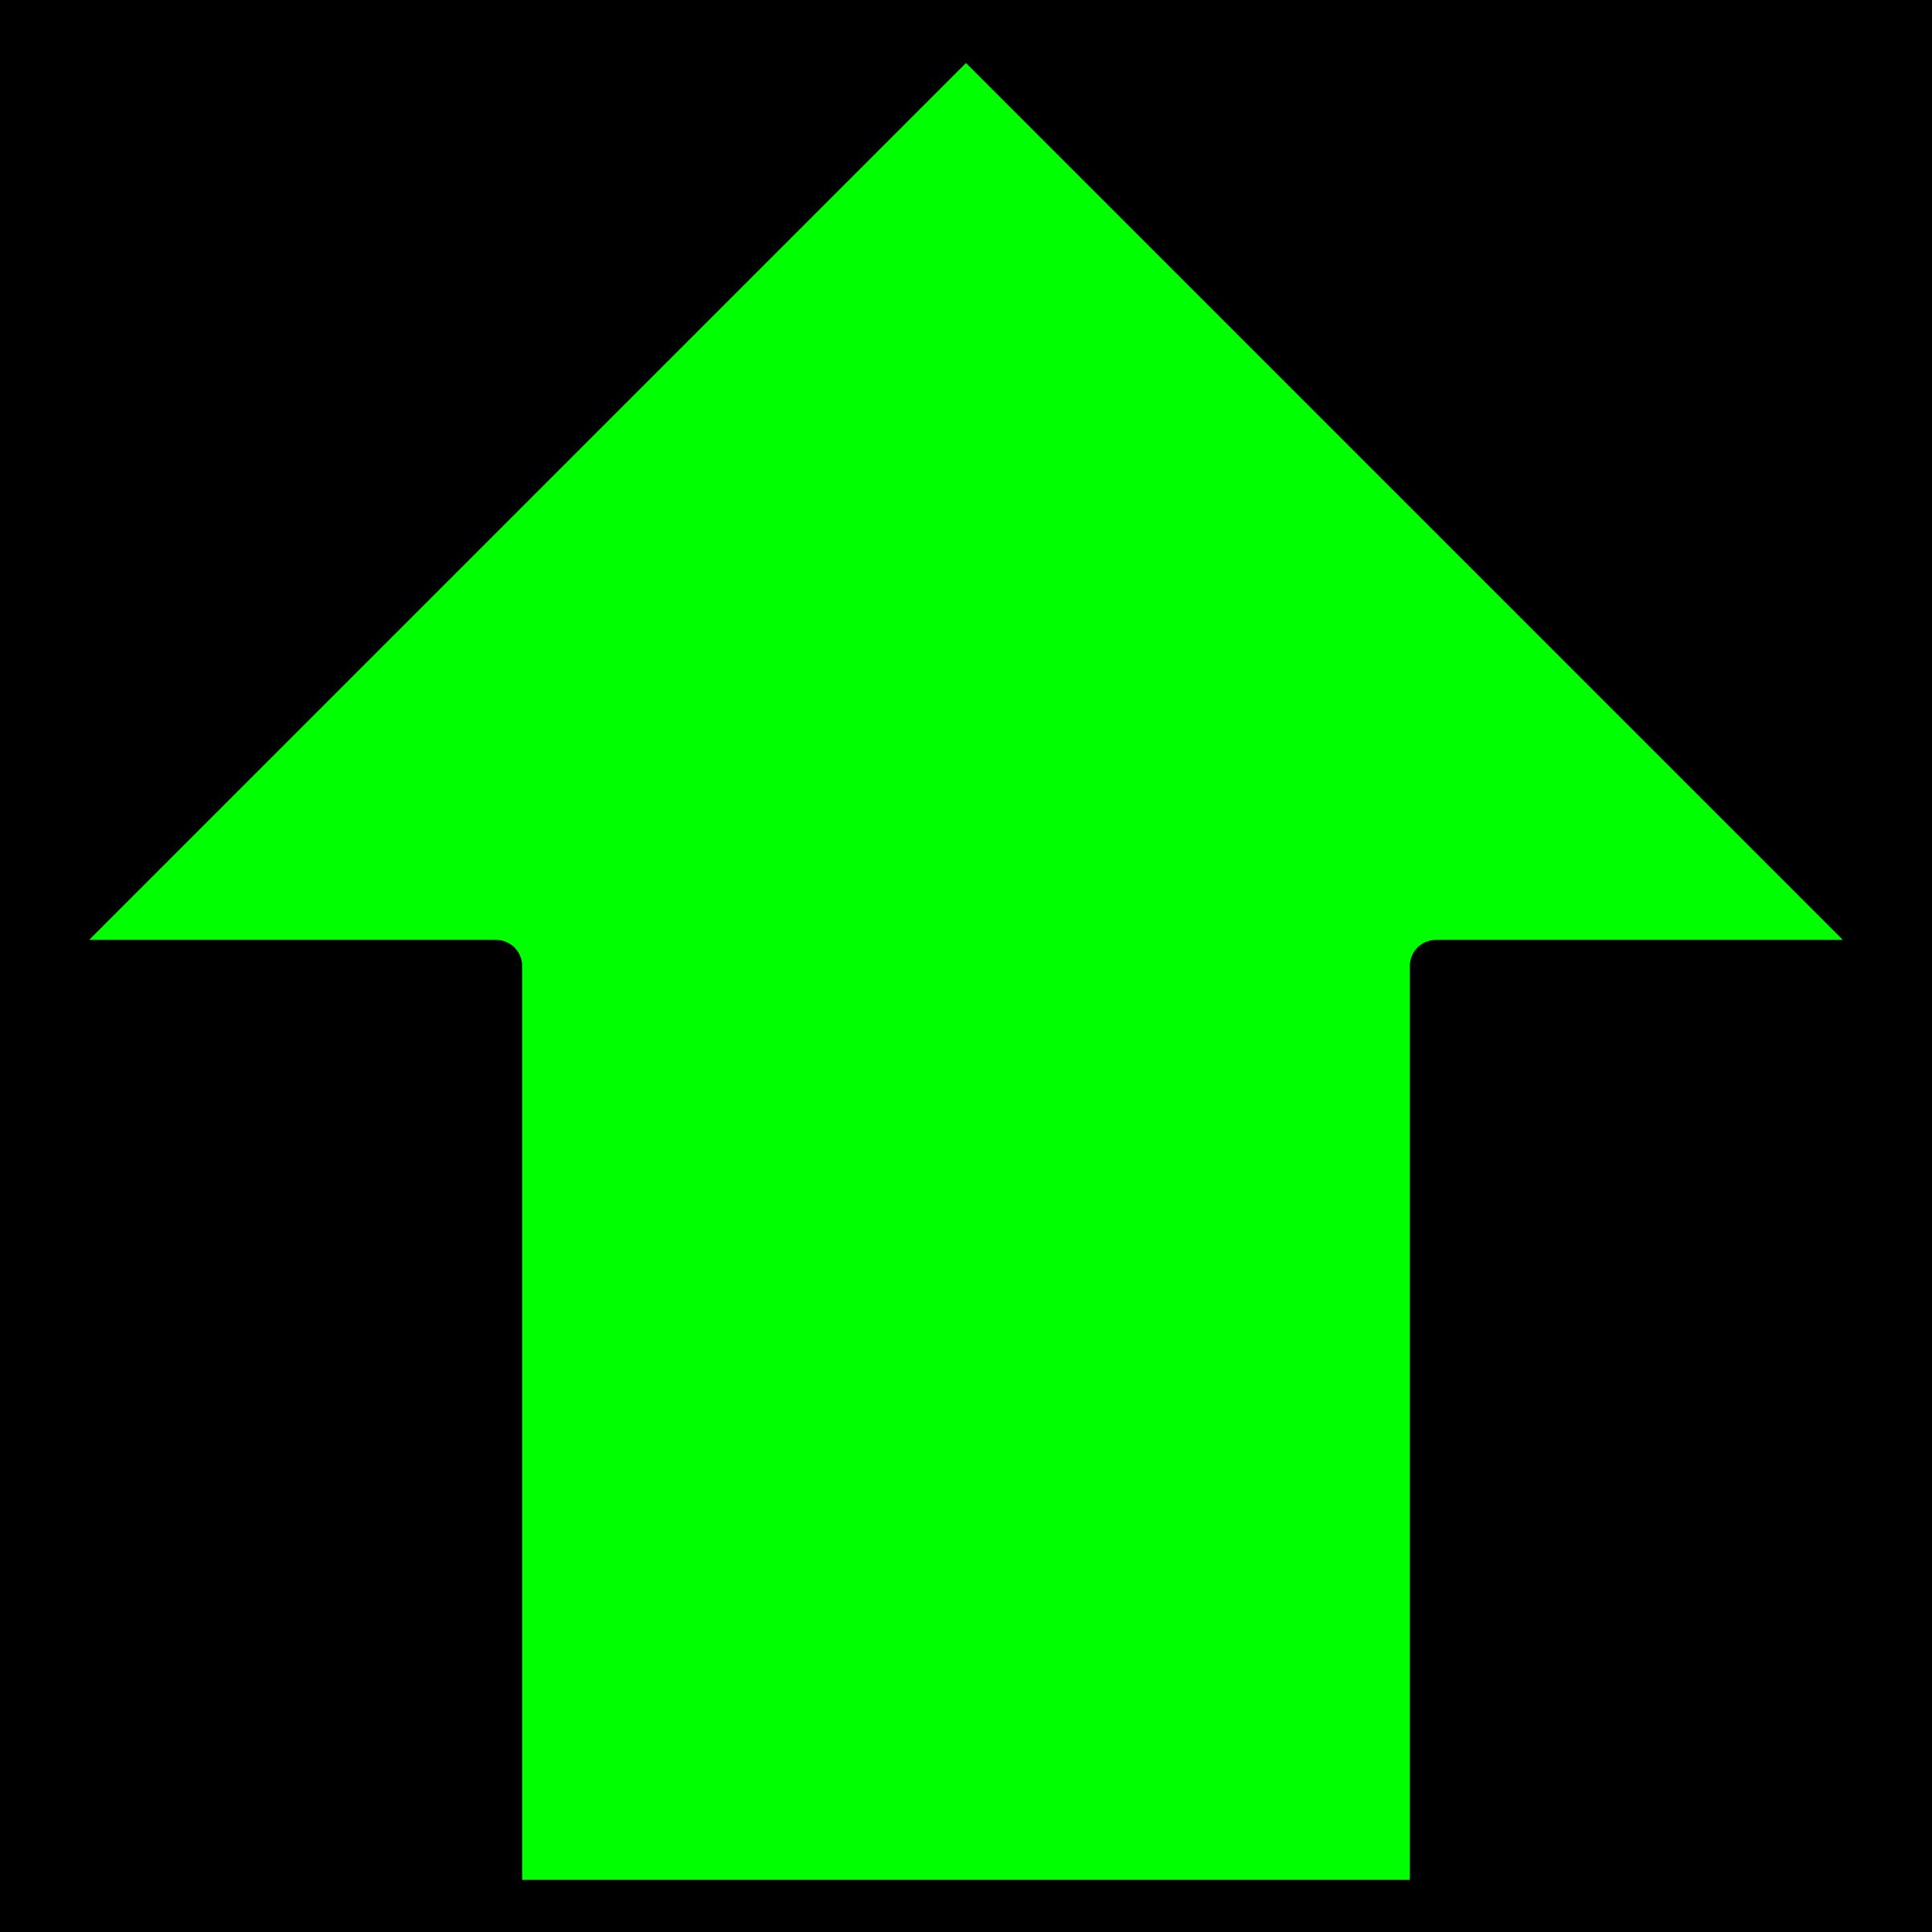 Clip Art Up Arrow. 2016/04/02 Up Arrow u0026middot; Big Image Png